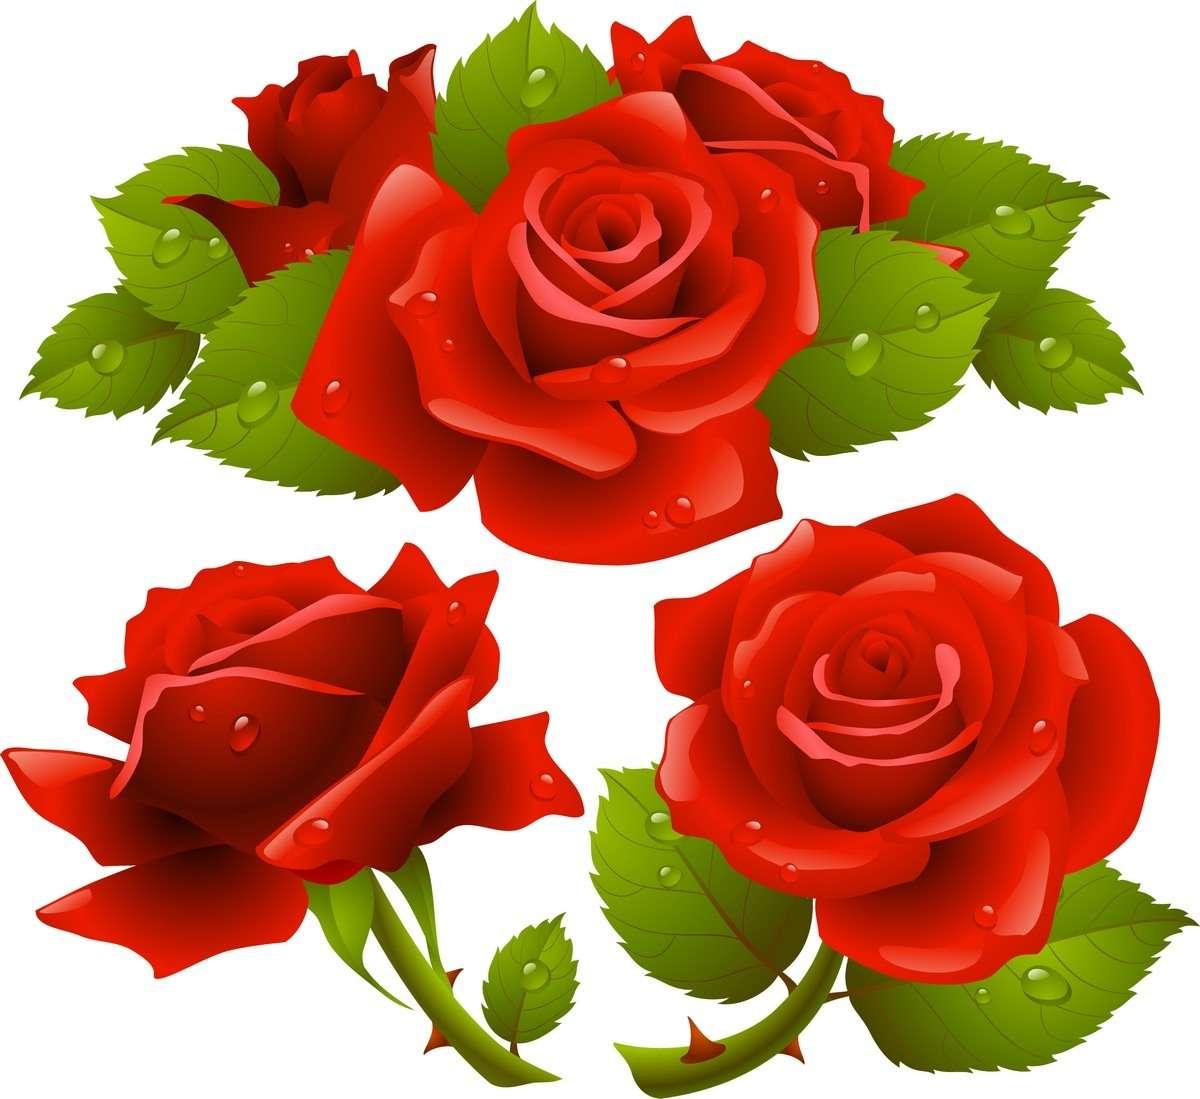 Rose 06 png